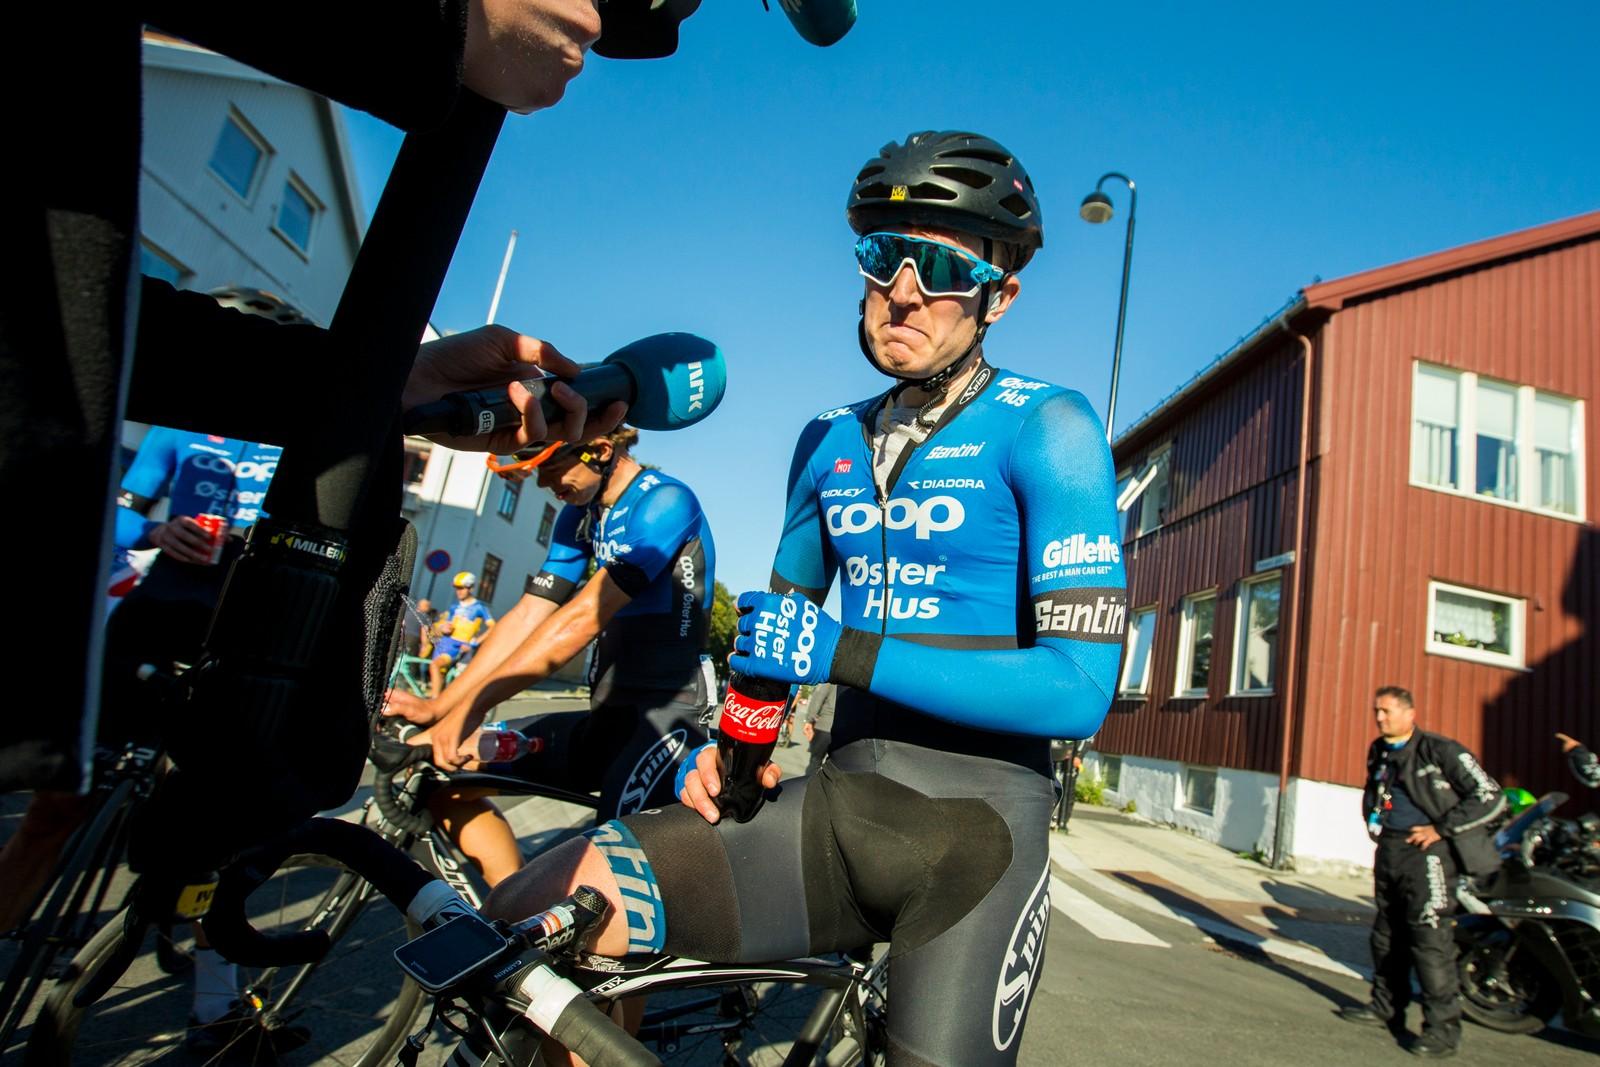 En skuffet August Jensen (Team Coop-Østerhus) blir intervjuet av NRK etter fjerde og siste etappe i sykkelrittet Arctic Race of Norway søndag. Jensen kom på 7.-plass.